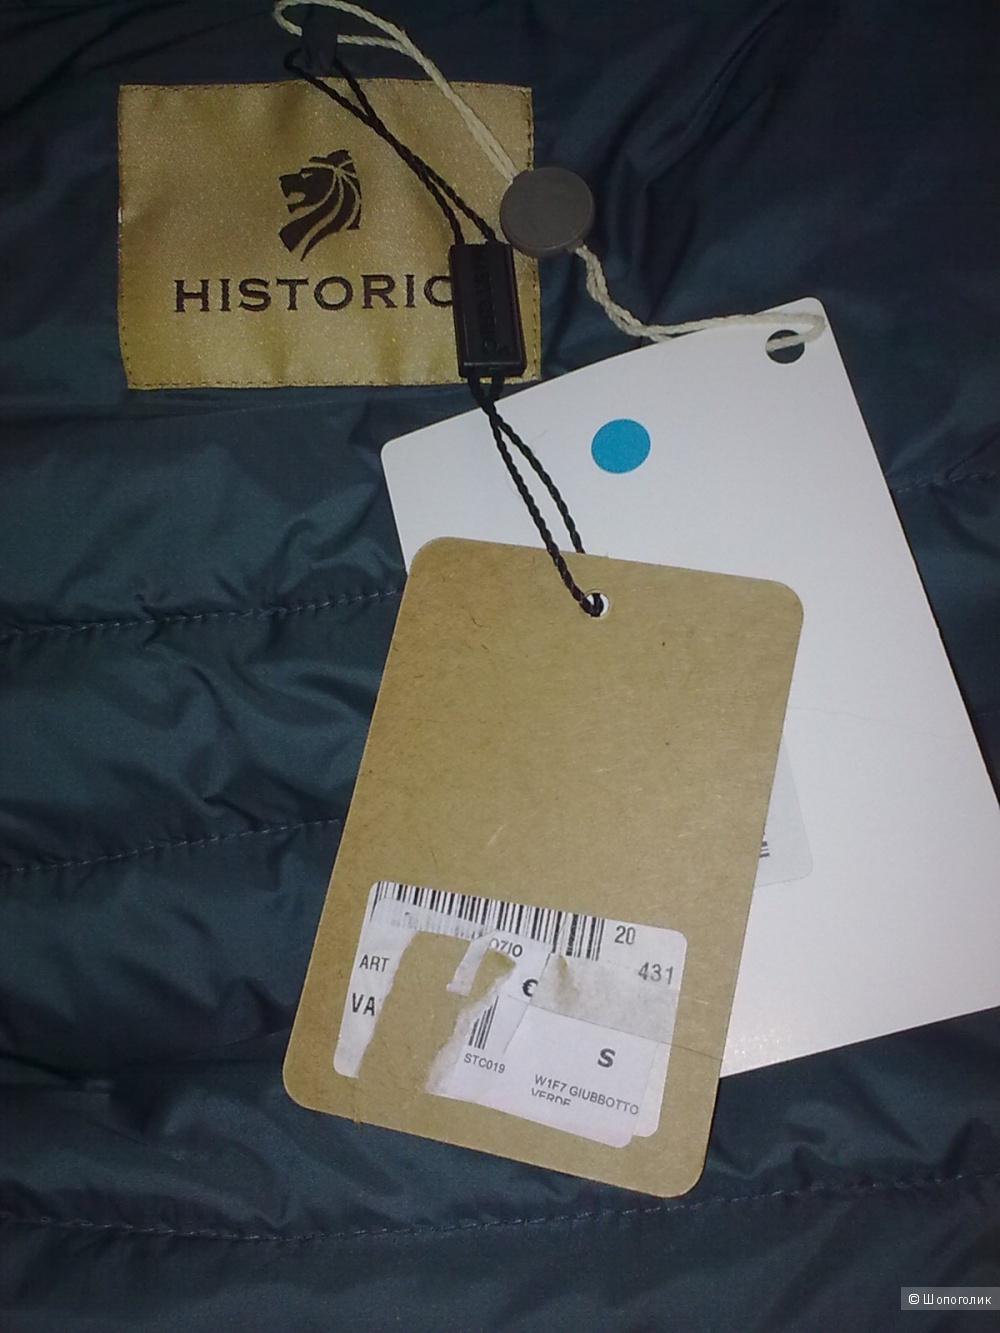 Пуховик HISTORIC, размер S